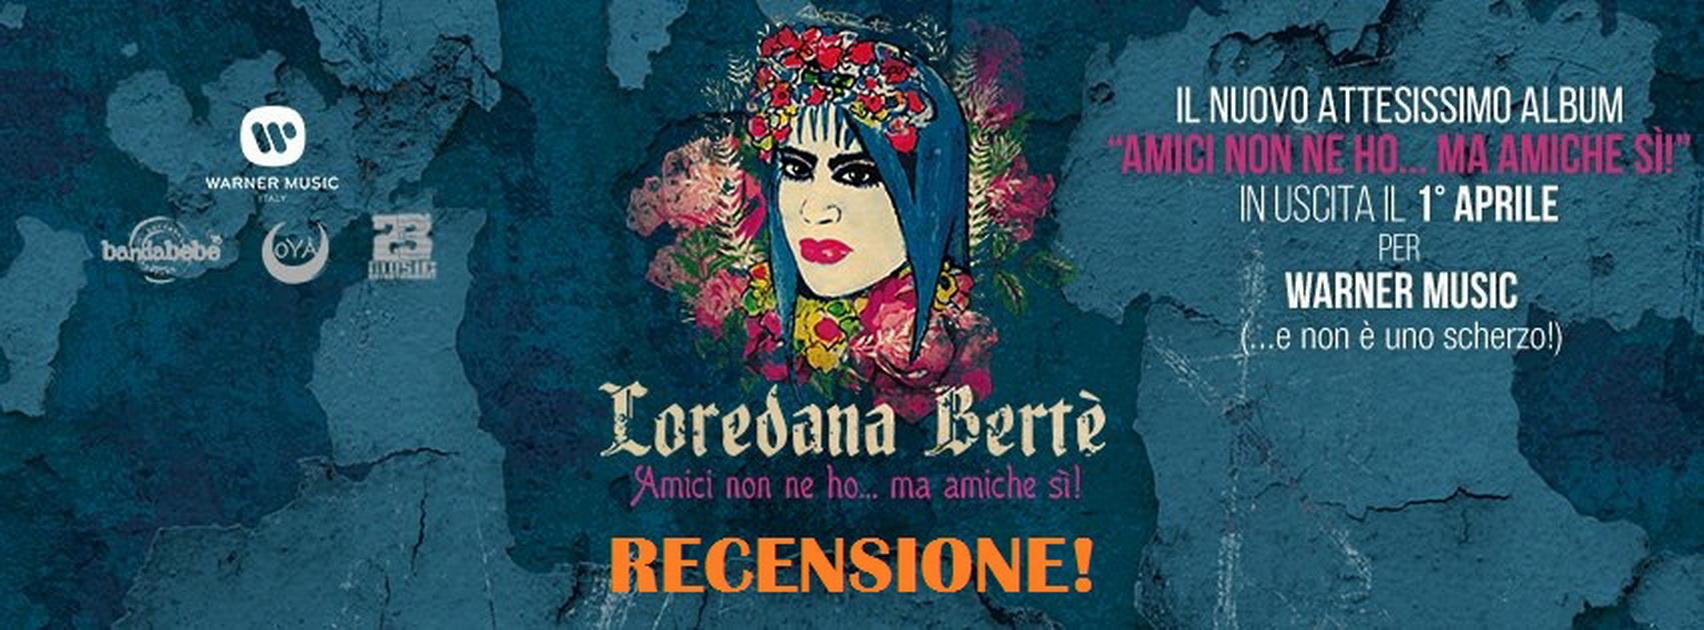 """Dopo lunga gestazione e grande attesa da parte dei fan è finalmenteuscito il 1° aprile """"Amici non ne ho… ma amiche sì!"""", il nuovo album di Loredana Bertè. Prodotto da […]"""